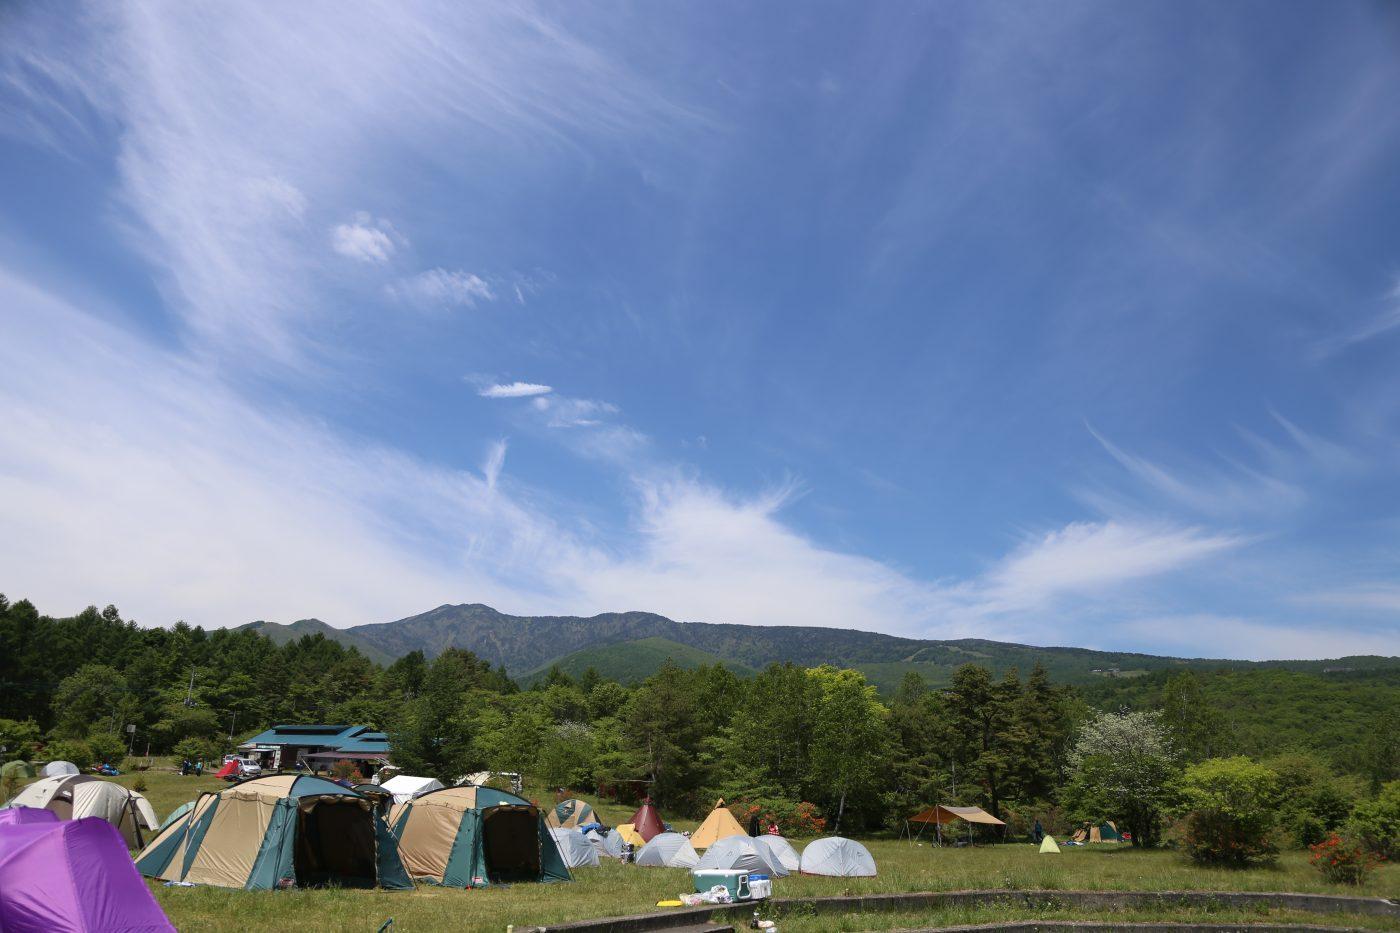 高地のキャンプ場は平地よりも気温が下がるため、寝袋選びはしっかりと。